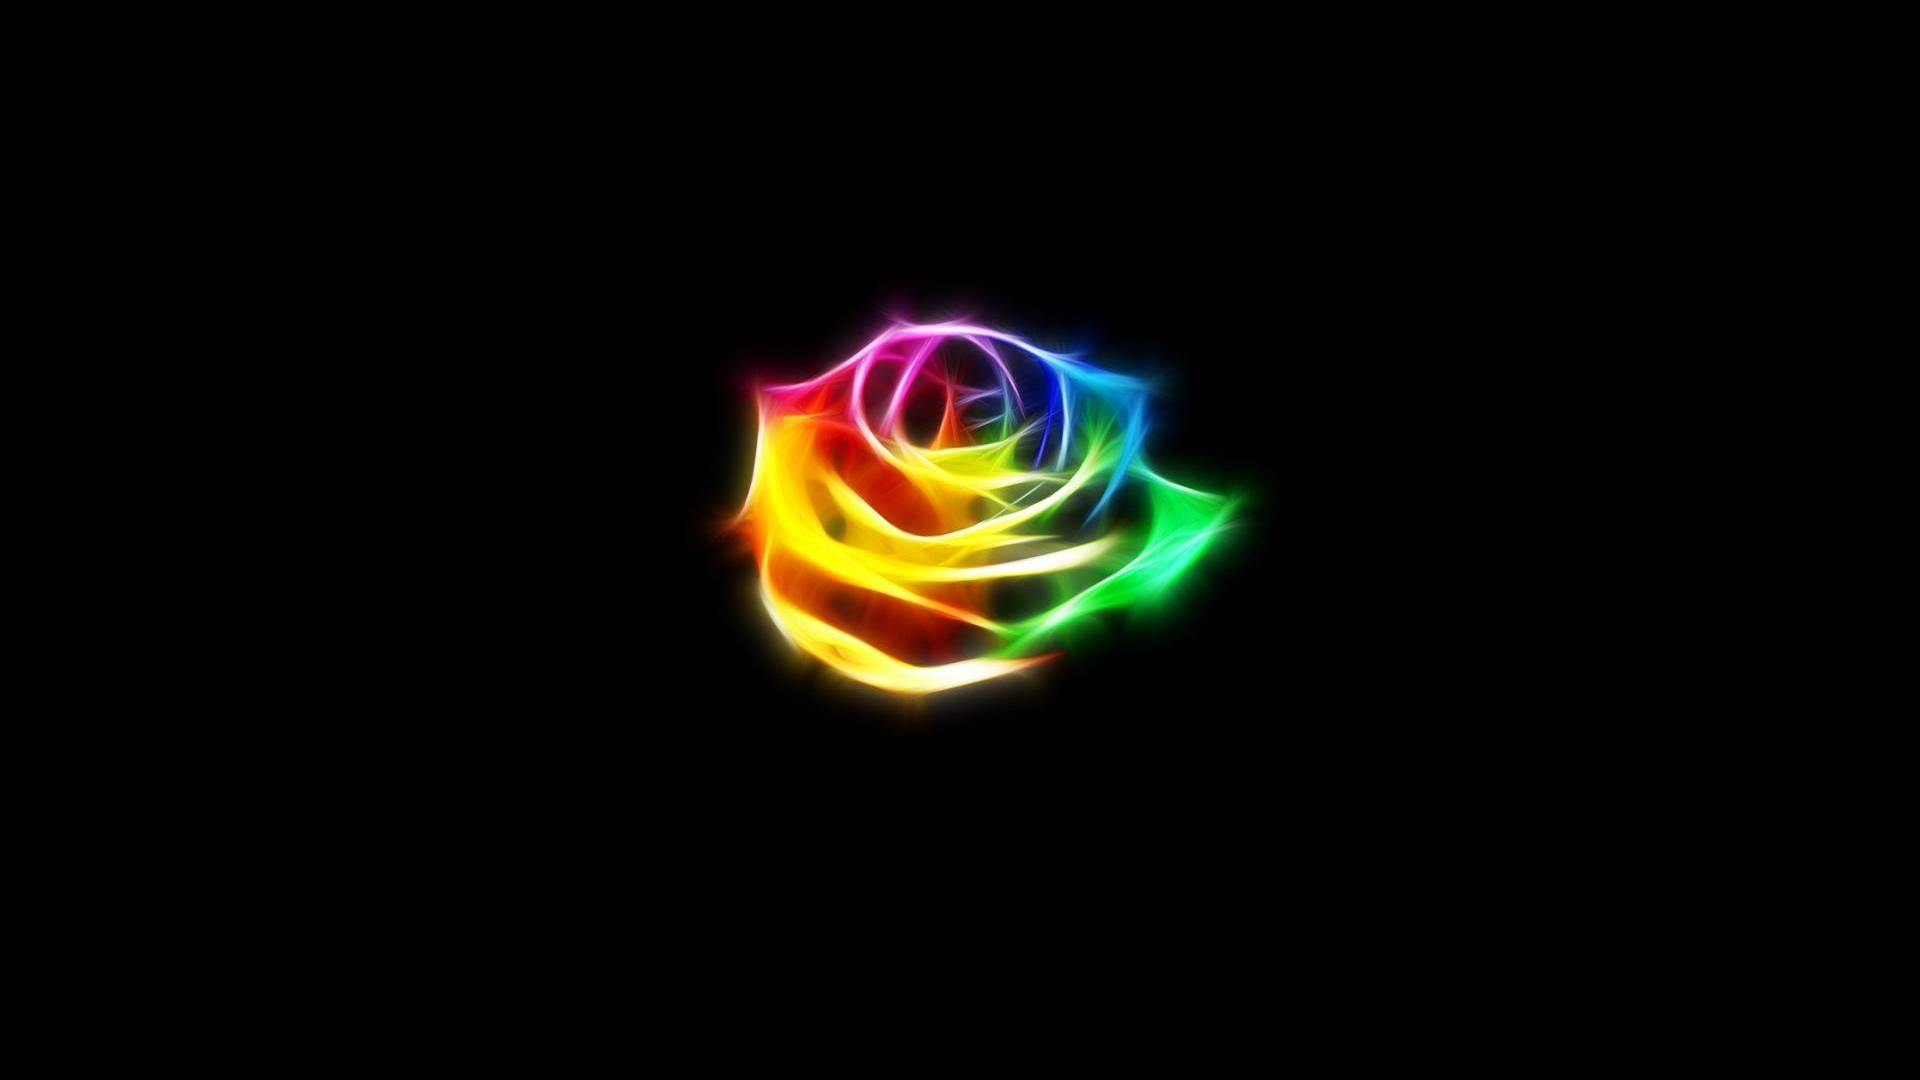 Wallpaper Rose Neon Dark Background - Neon Flower With Black Background - HD Wallpaper